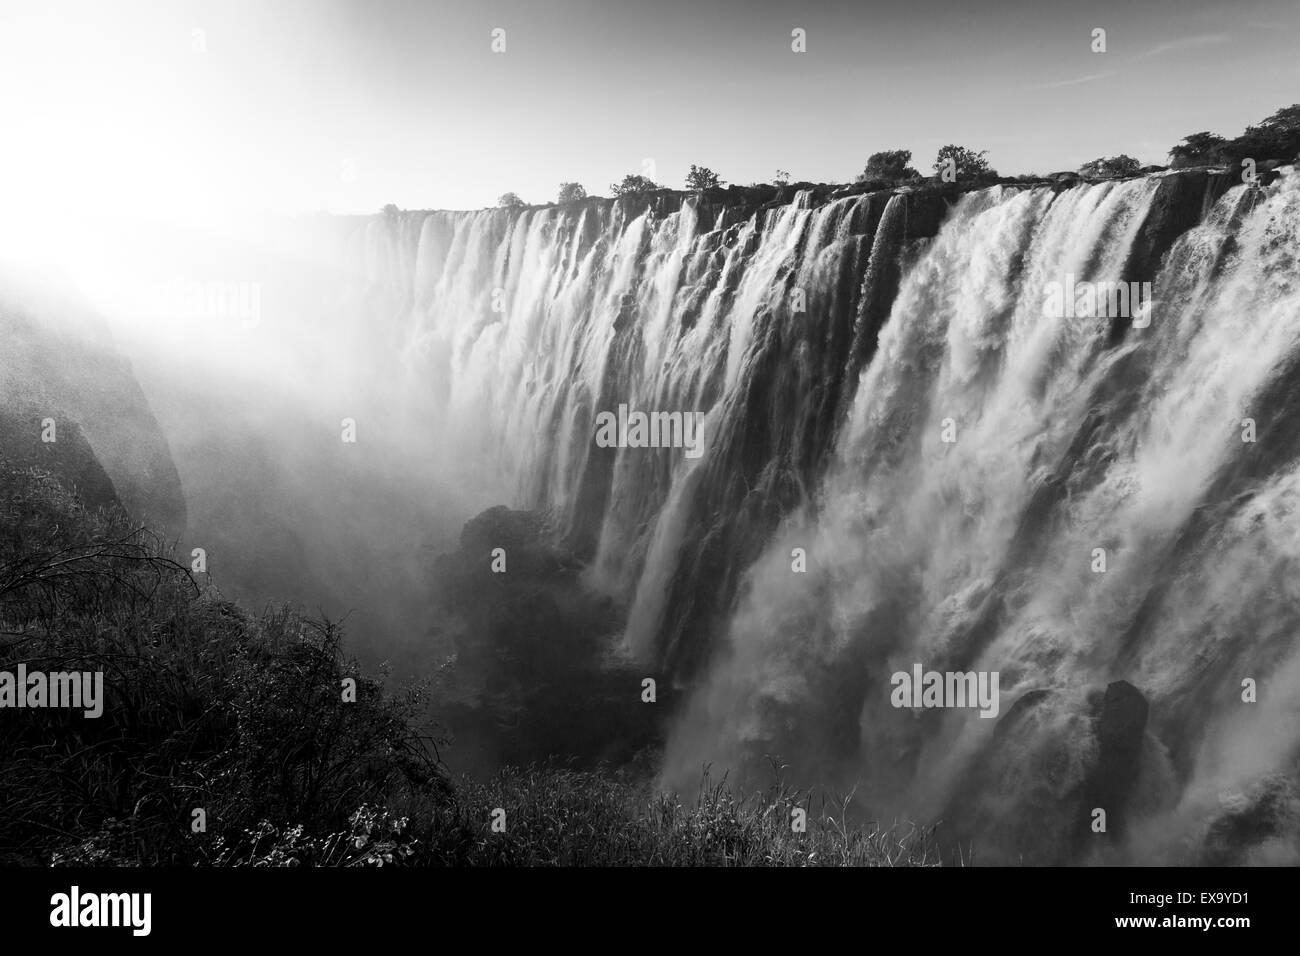 L'Afrique, Zambie, Mosi-Oa-Tunya National Park, l'établissement de l'Est soleil cataracte de Victoria Photo Stock